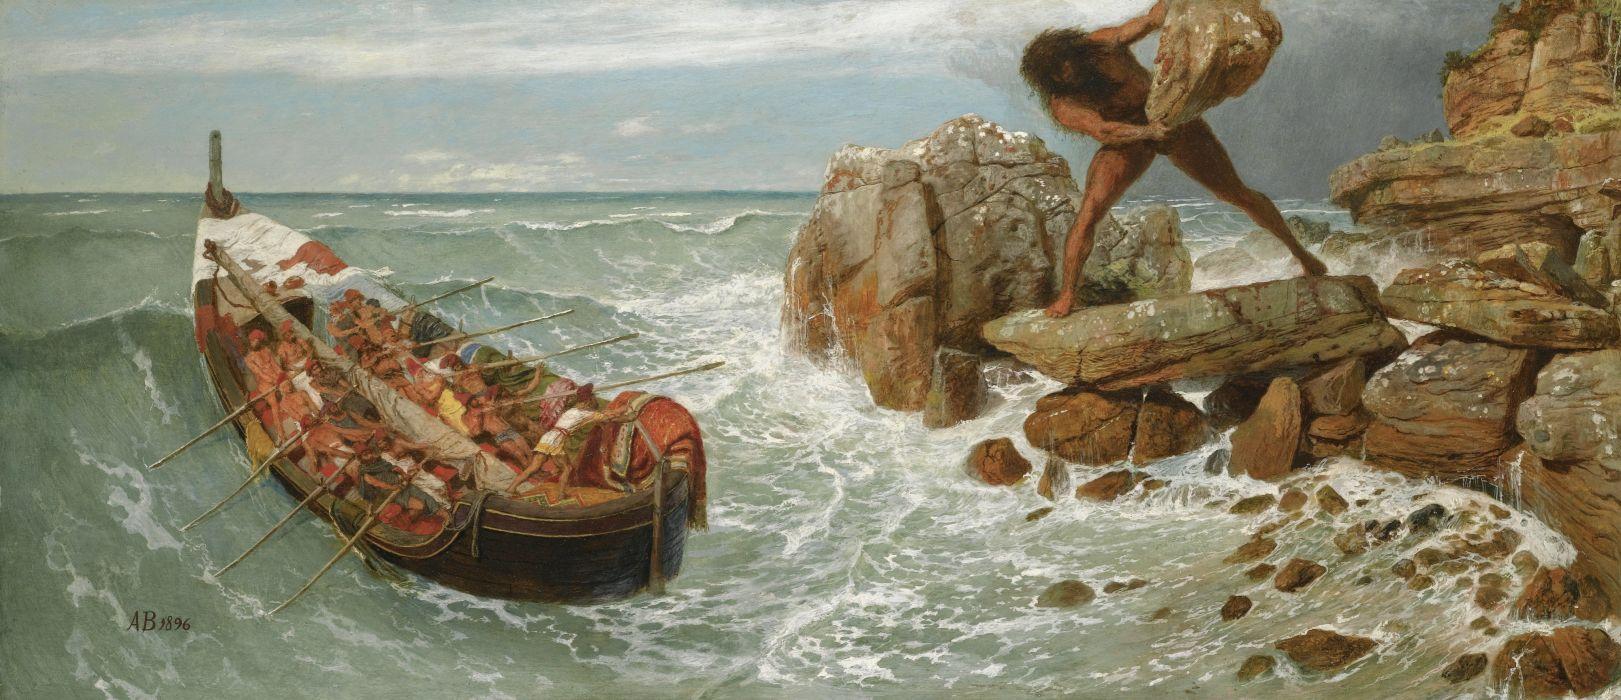 arte oleo ulises ciclope barco piedra wallpaper